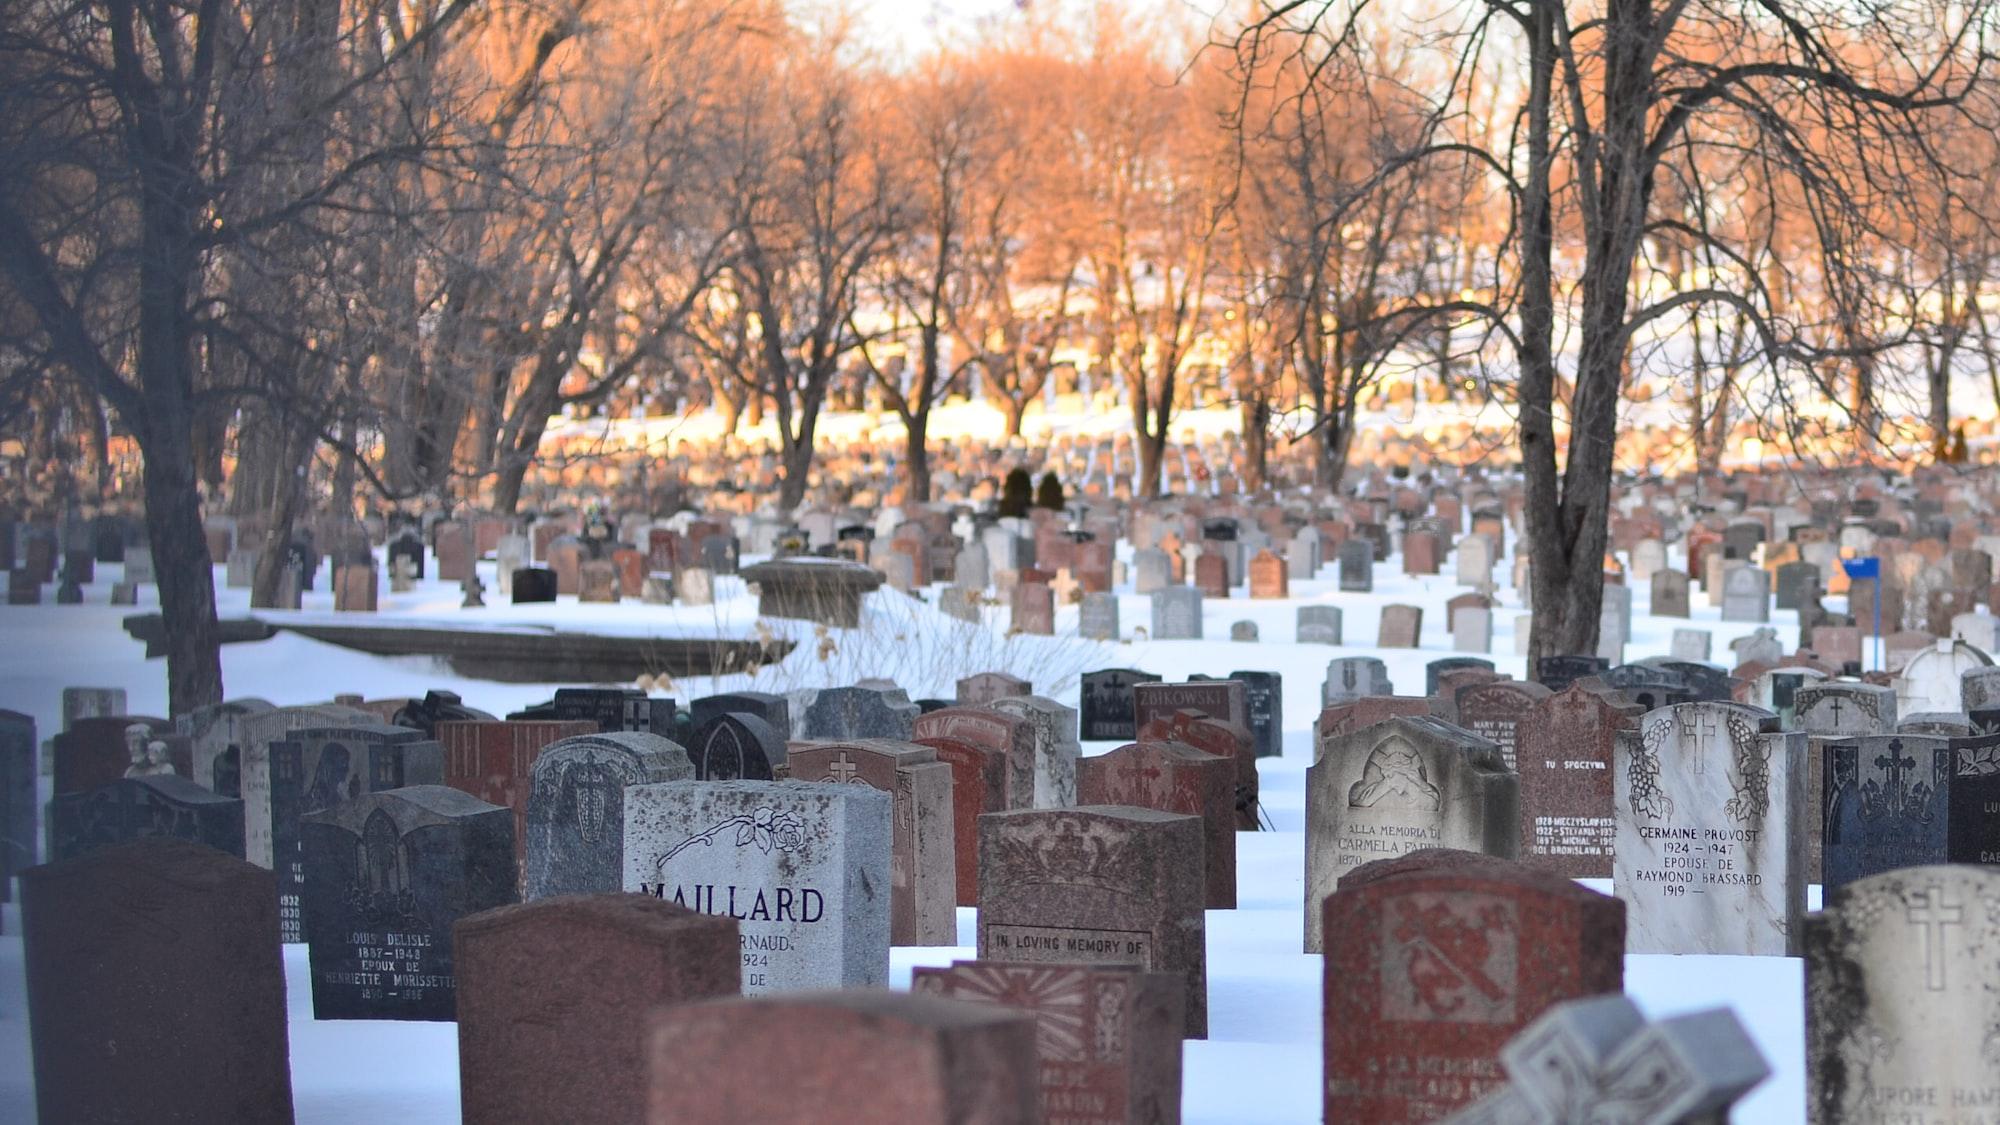 [转]为什么我们那么害怕死亡?怎样才能坦然面对死亡?